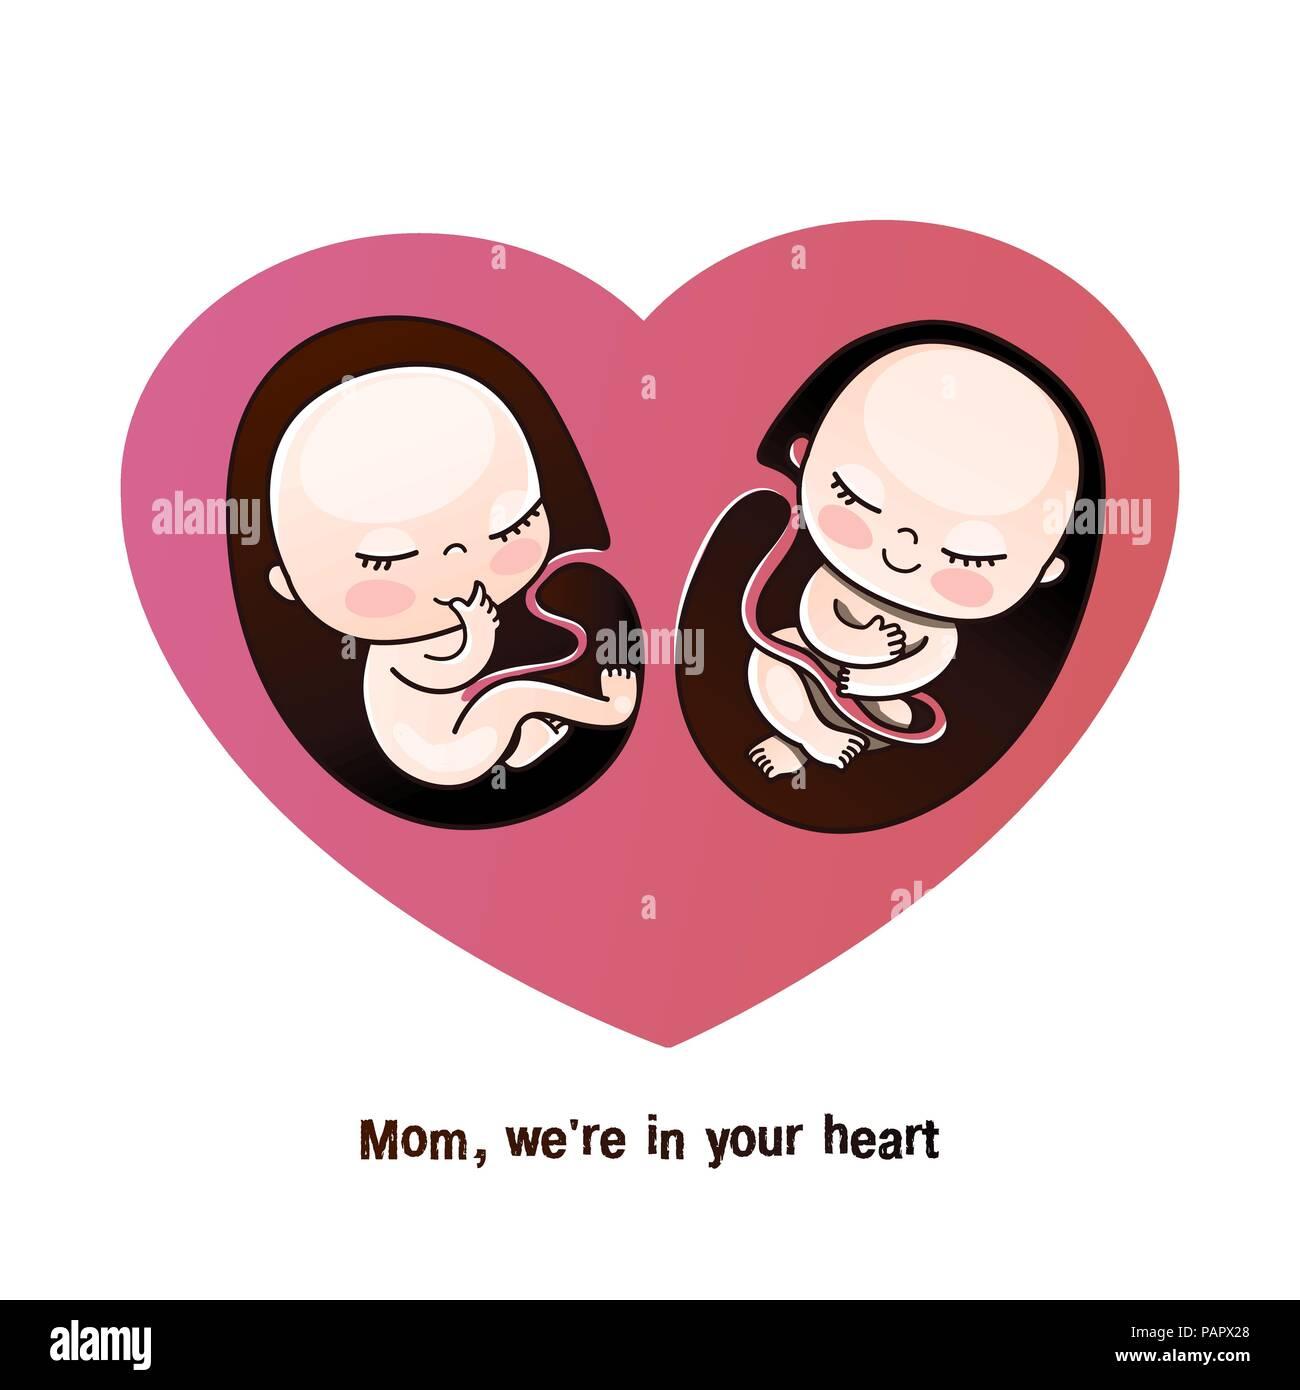 Gluckwunsche zum geburtstag schwangere frau